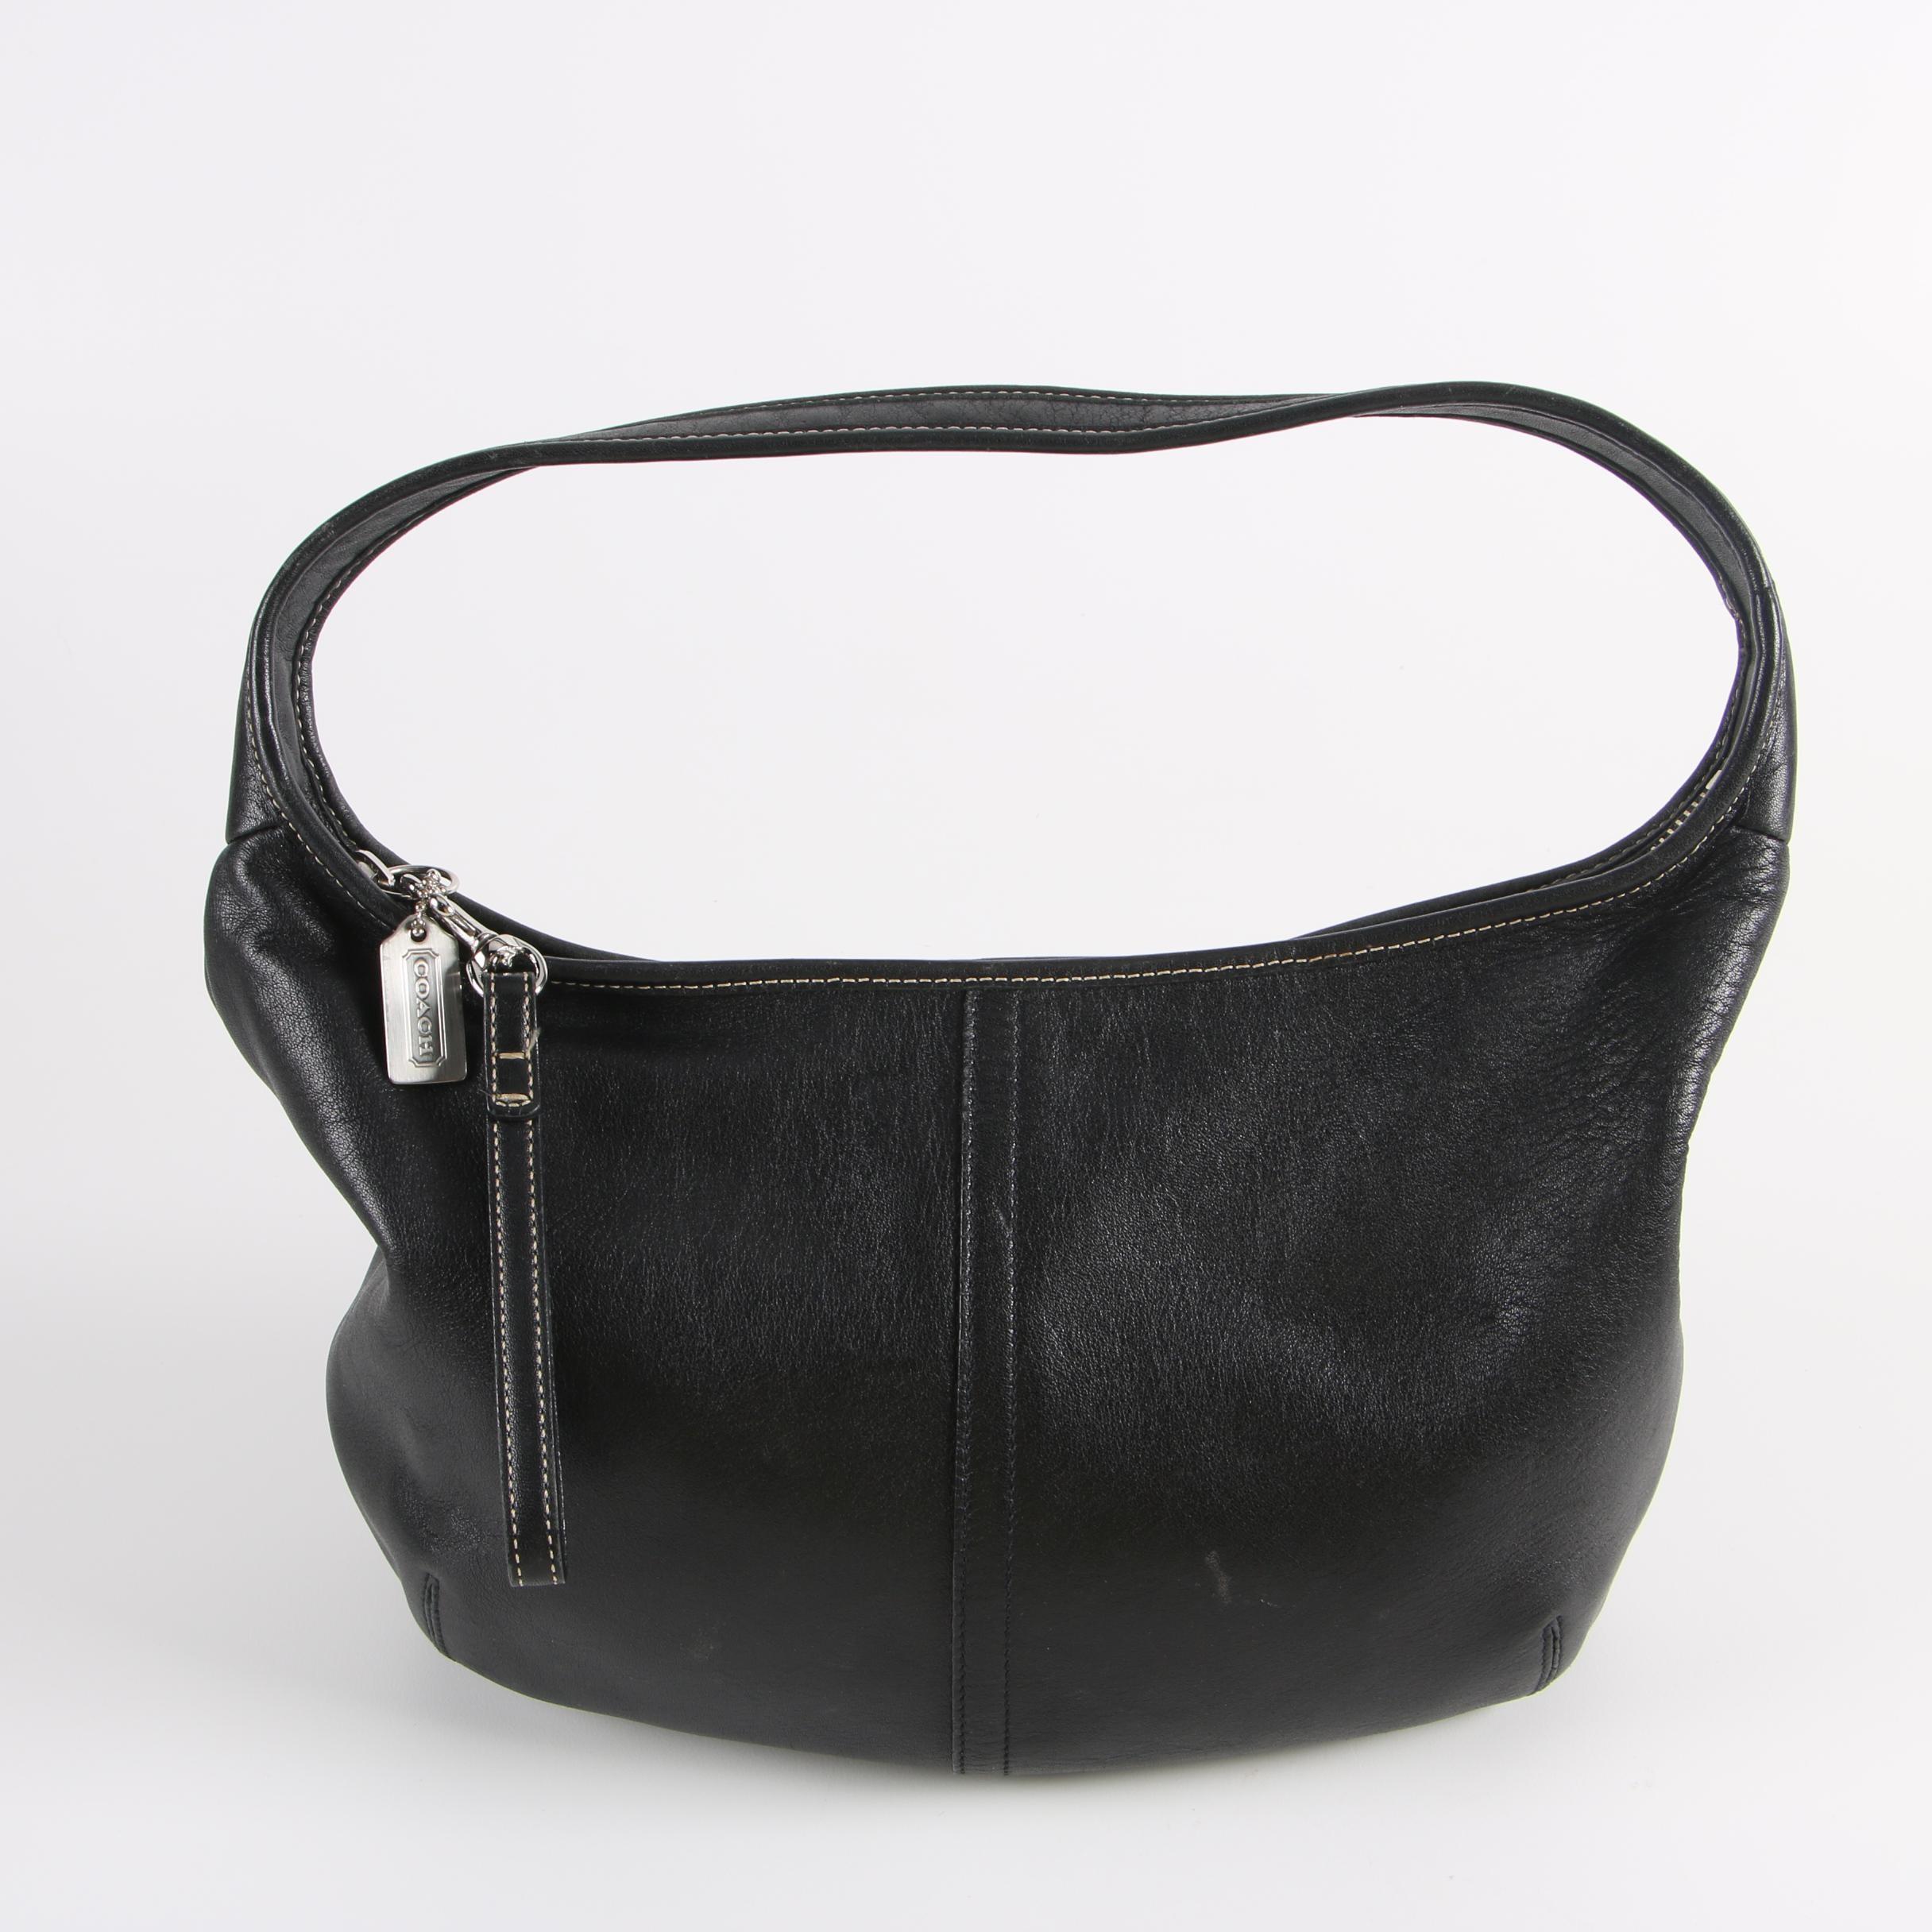 Coach Ergo Black Leather Hobo Bag